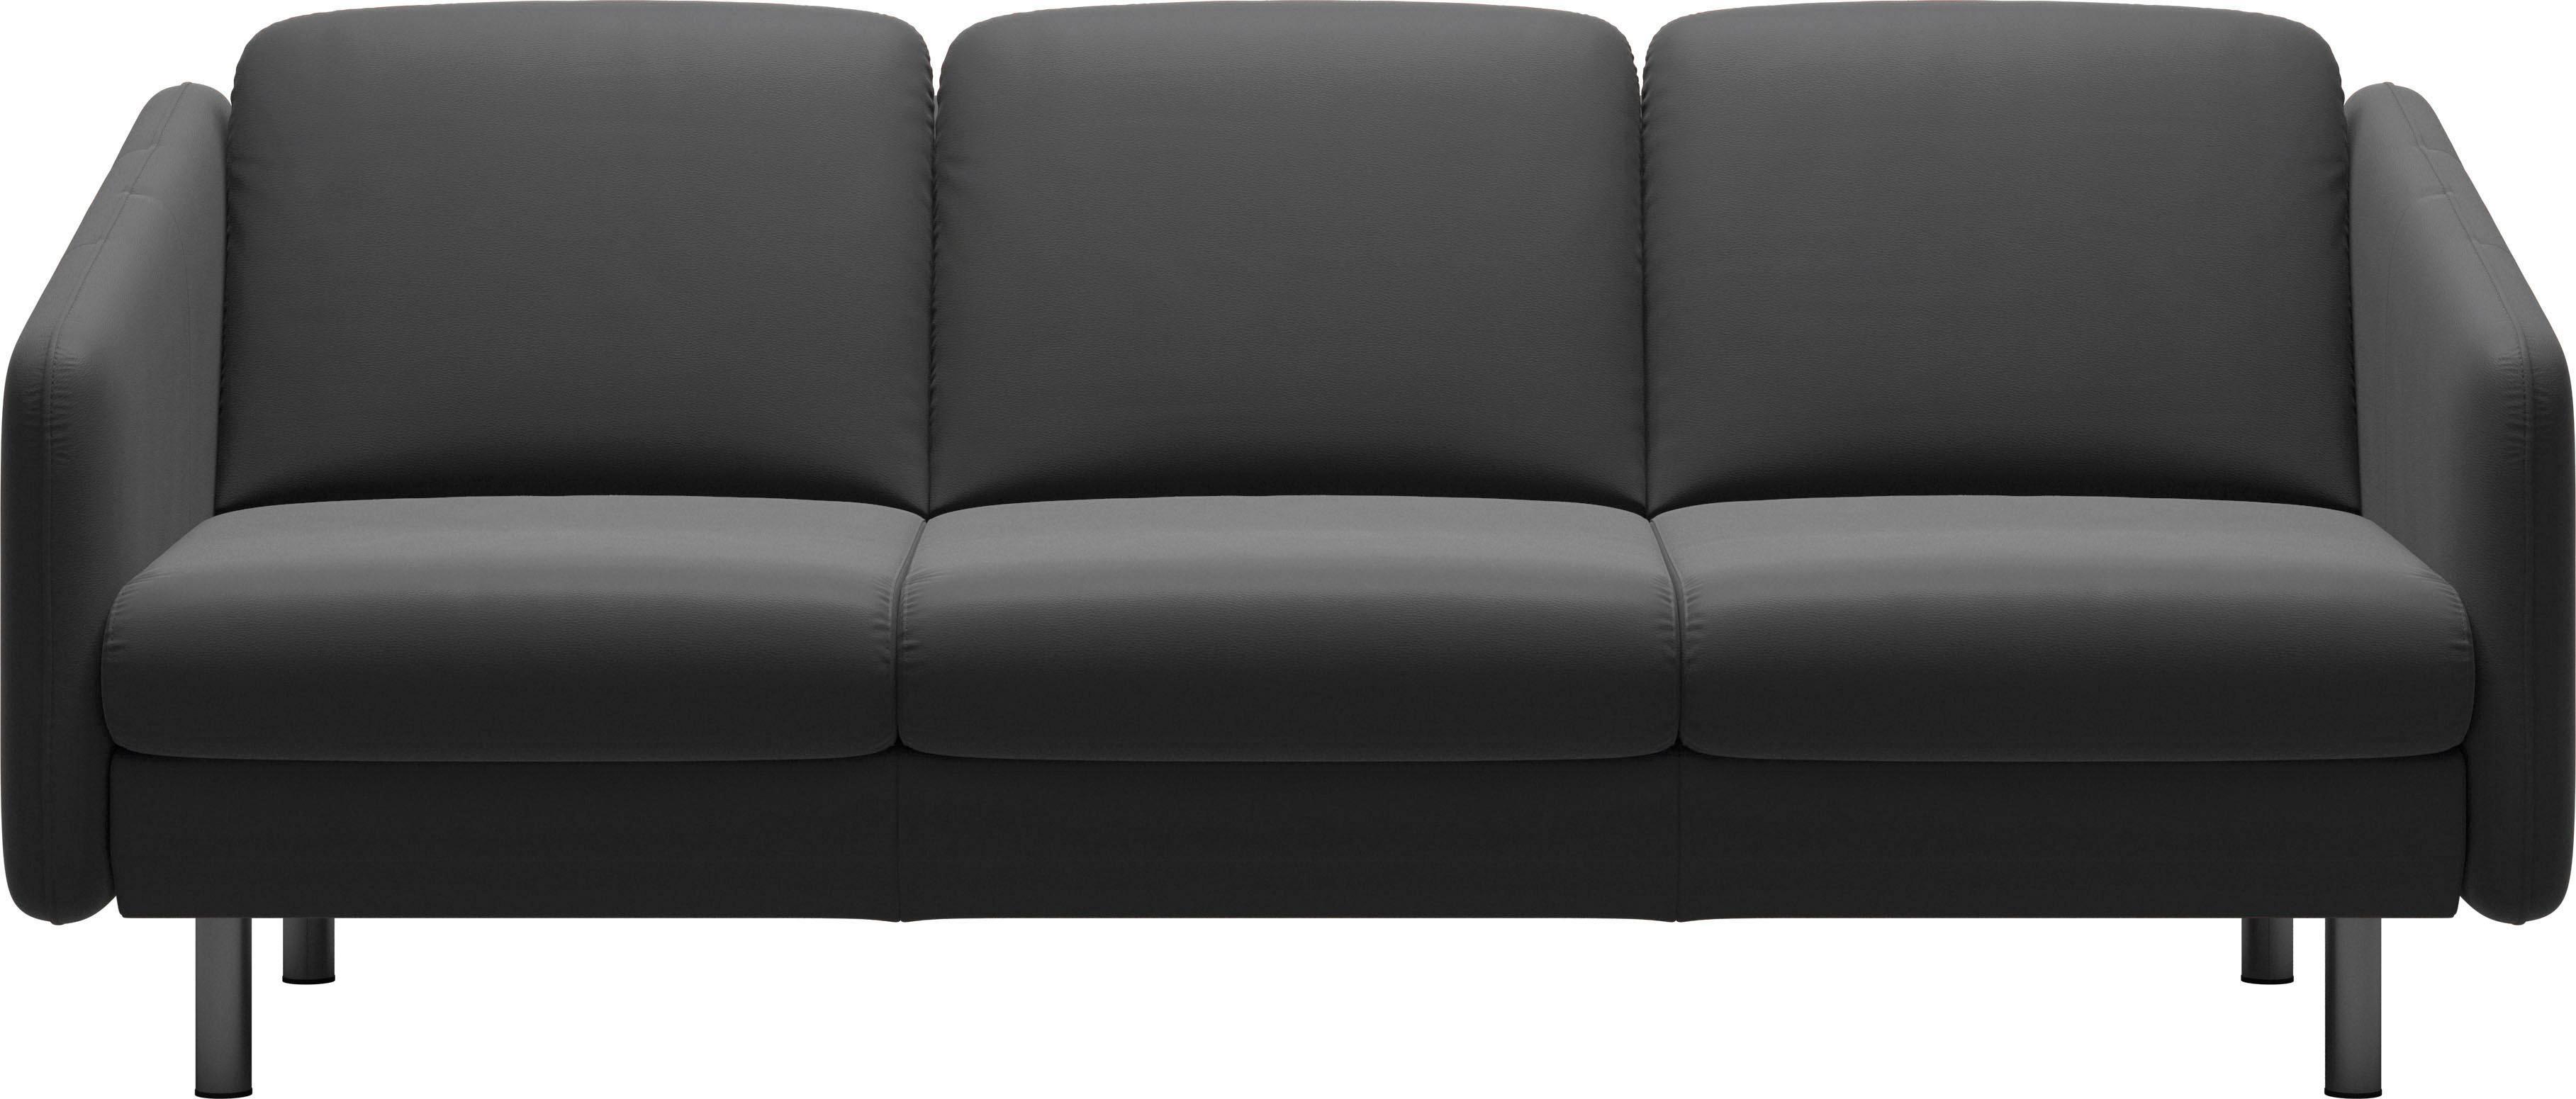 Stressless® 3-Sitzer Trio »Eve« mit geraden Edelstahlfüßen in 2 Höhen   Wohnzimmer > Sofas & Couches > 2 & 3 Sitzer Sofas   Leder - Stoff - Polyester   STRESSLESS